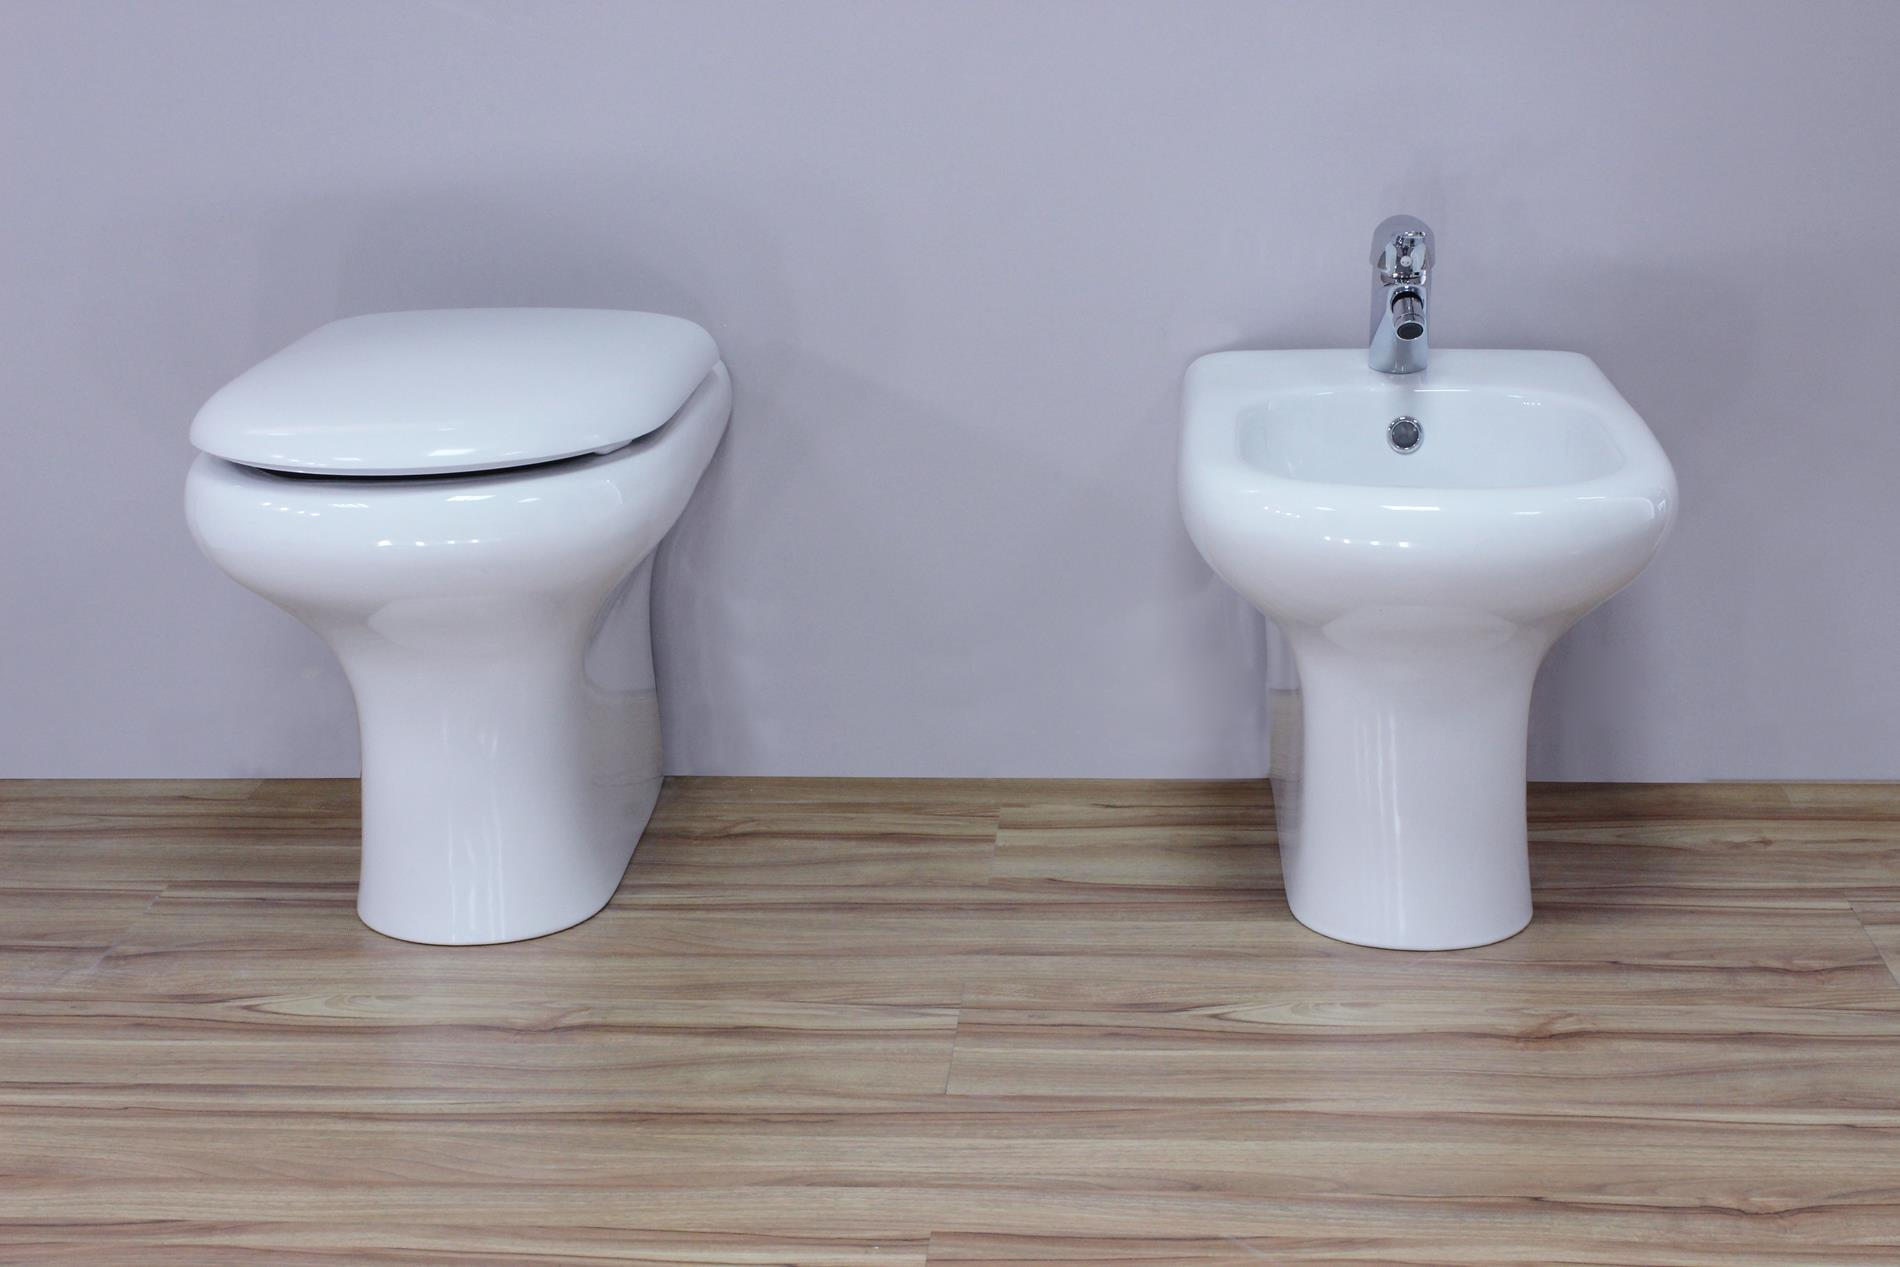 Vaso e bidet filo muro con copriwc alba coppia di sanitari for Offerta sanitari bagno